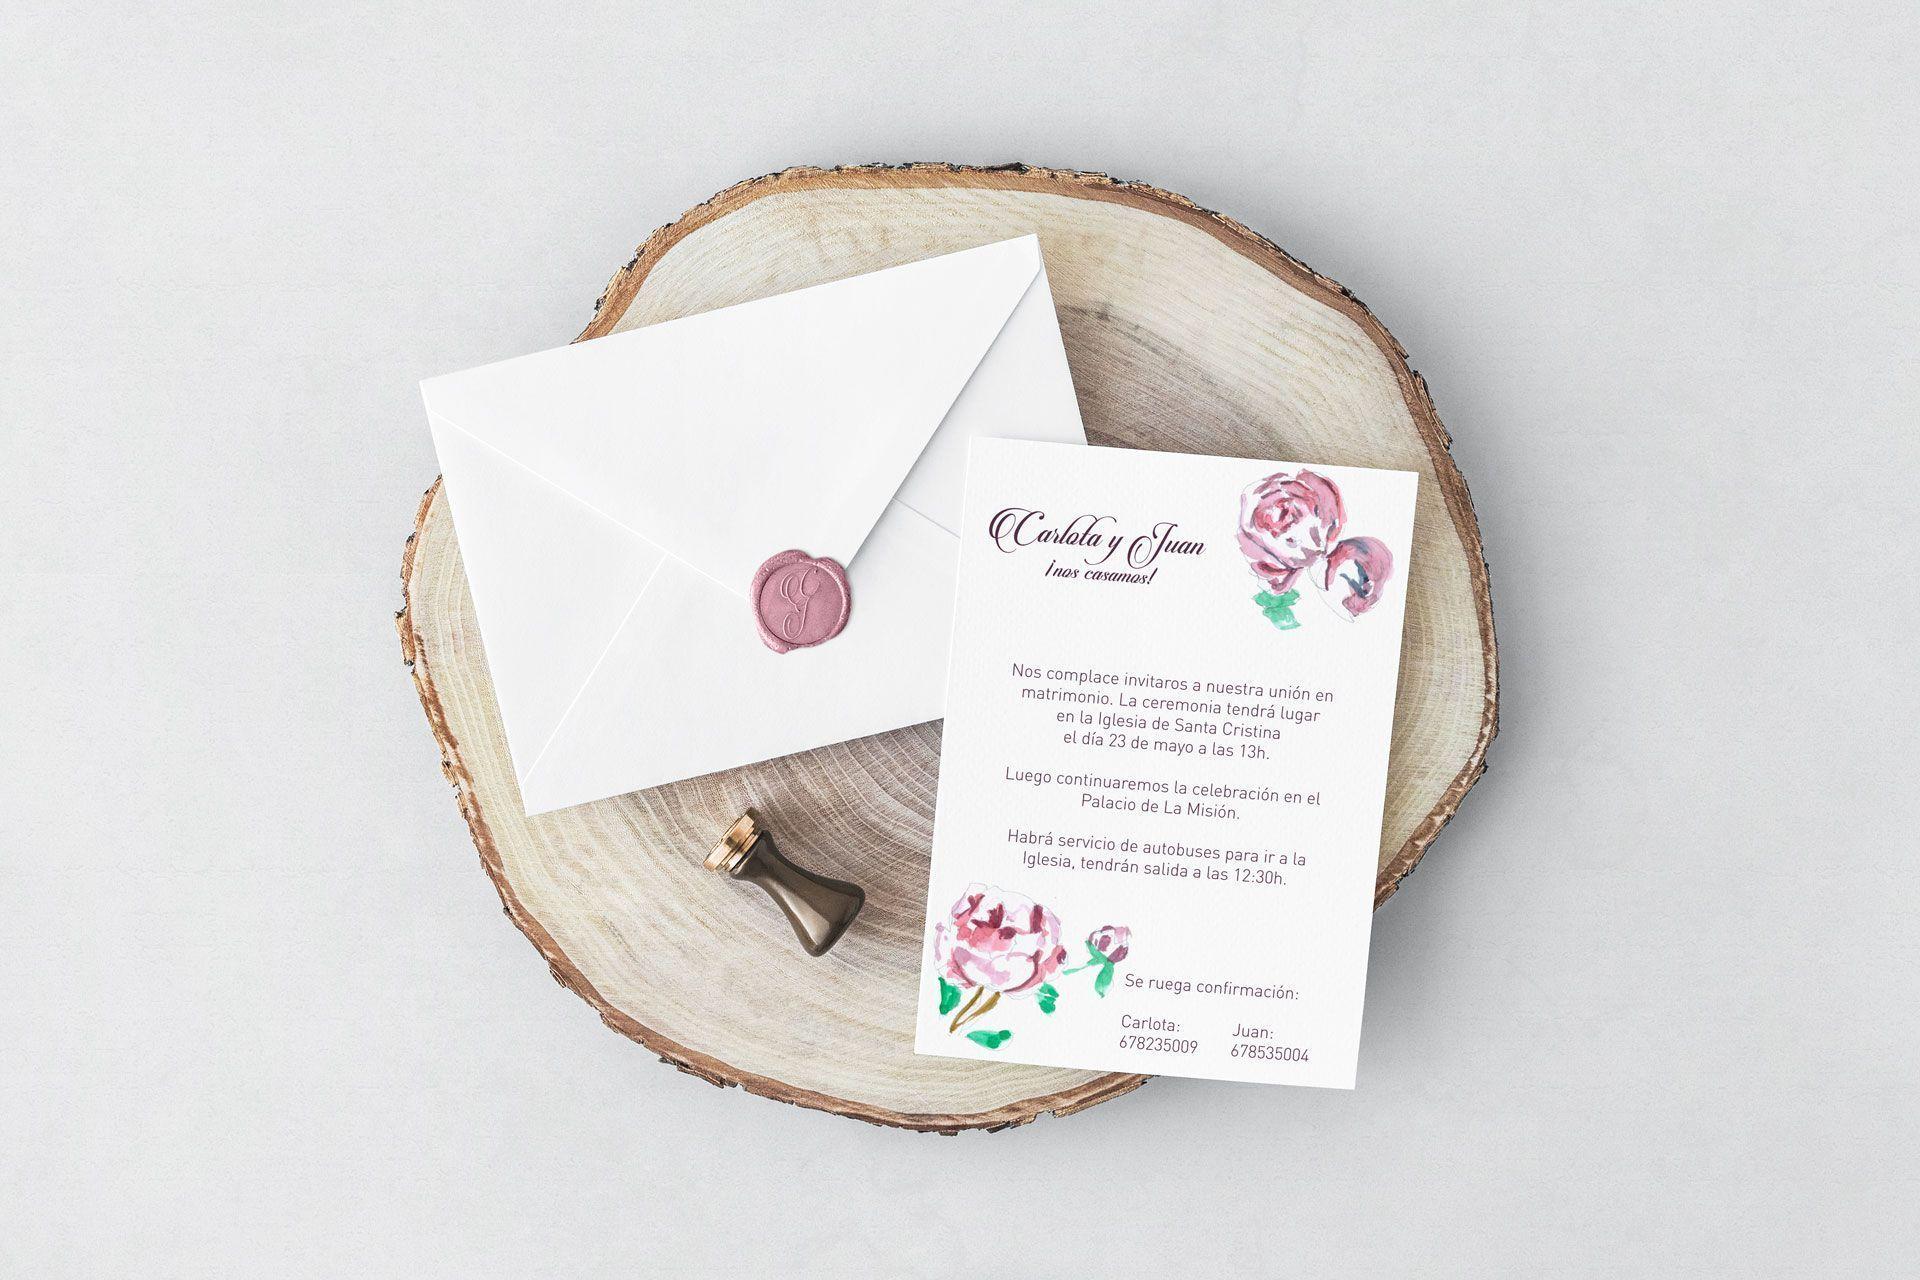 boda flora y clasica de carlota y juan